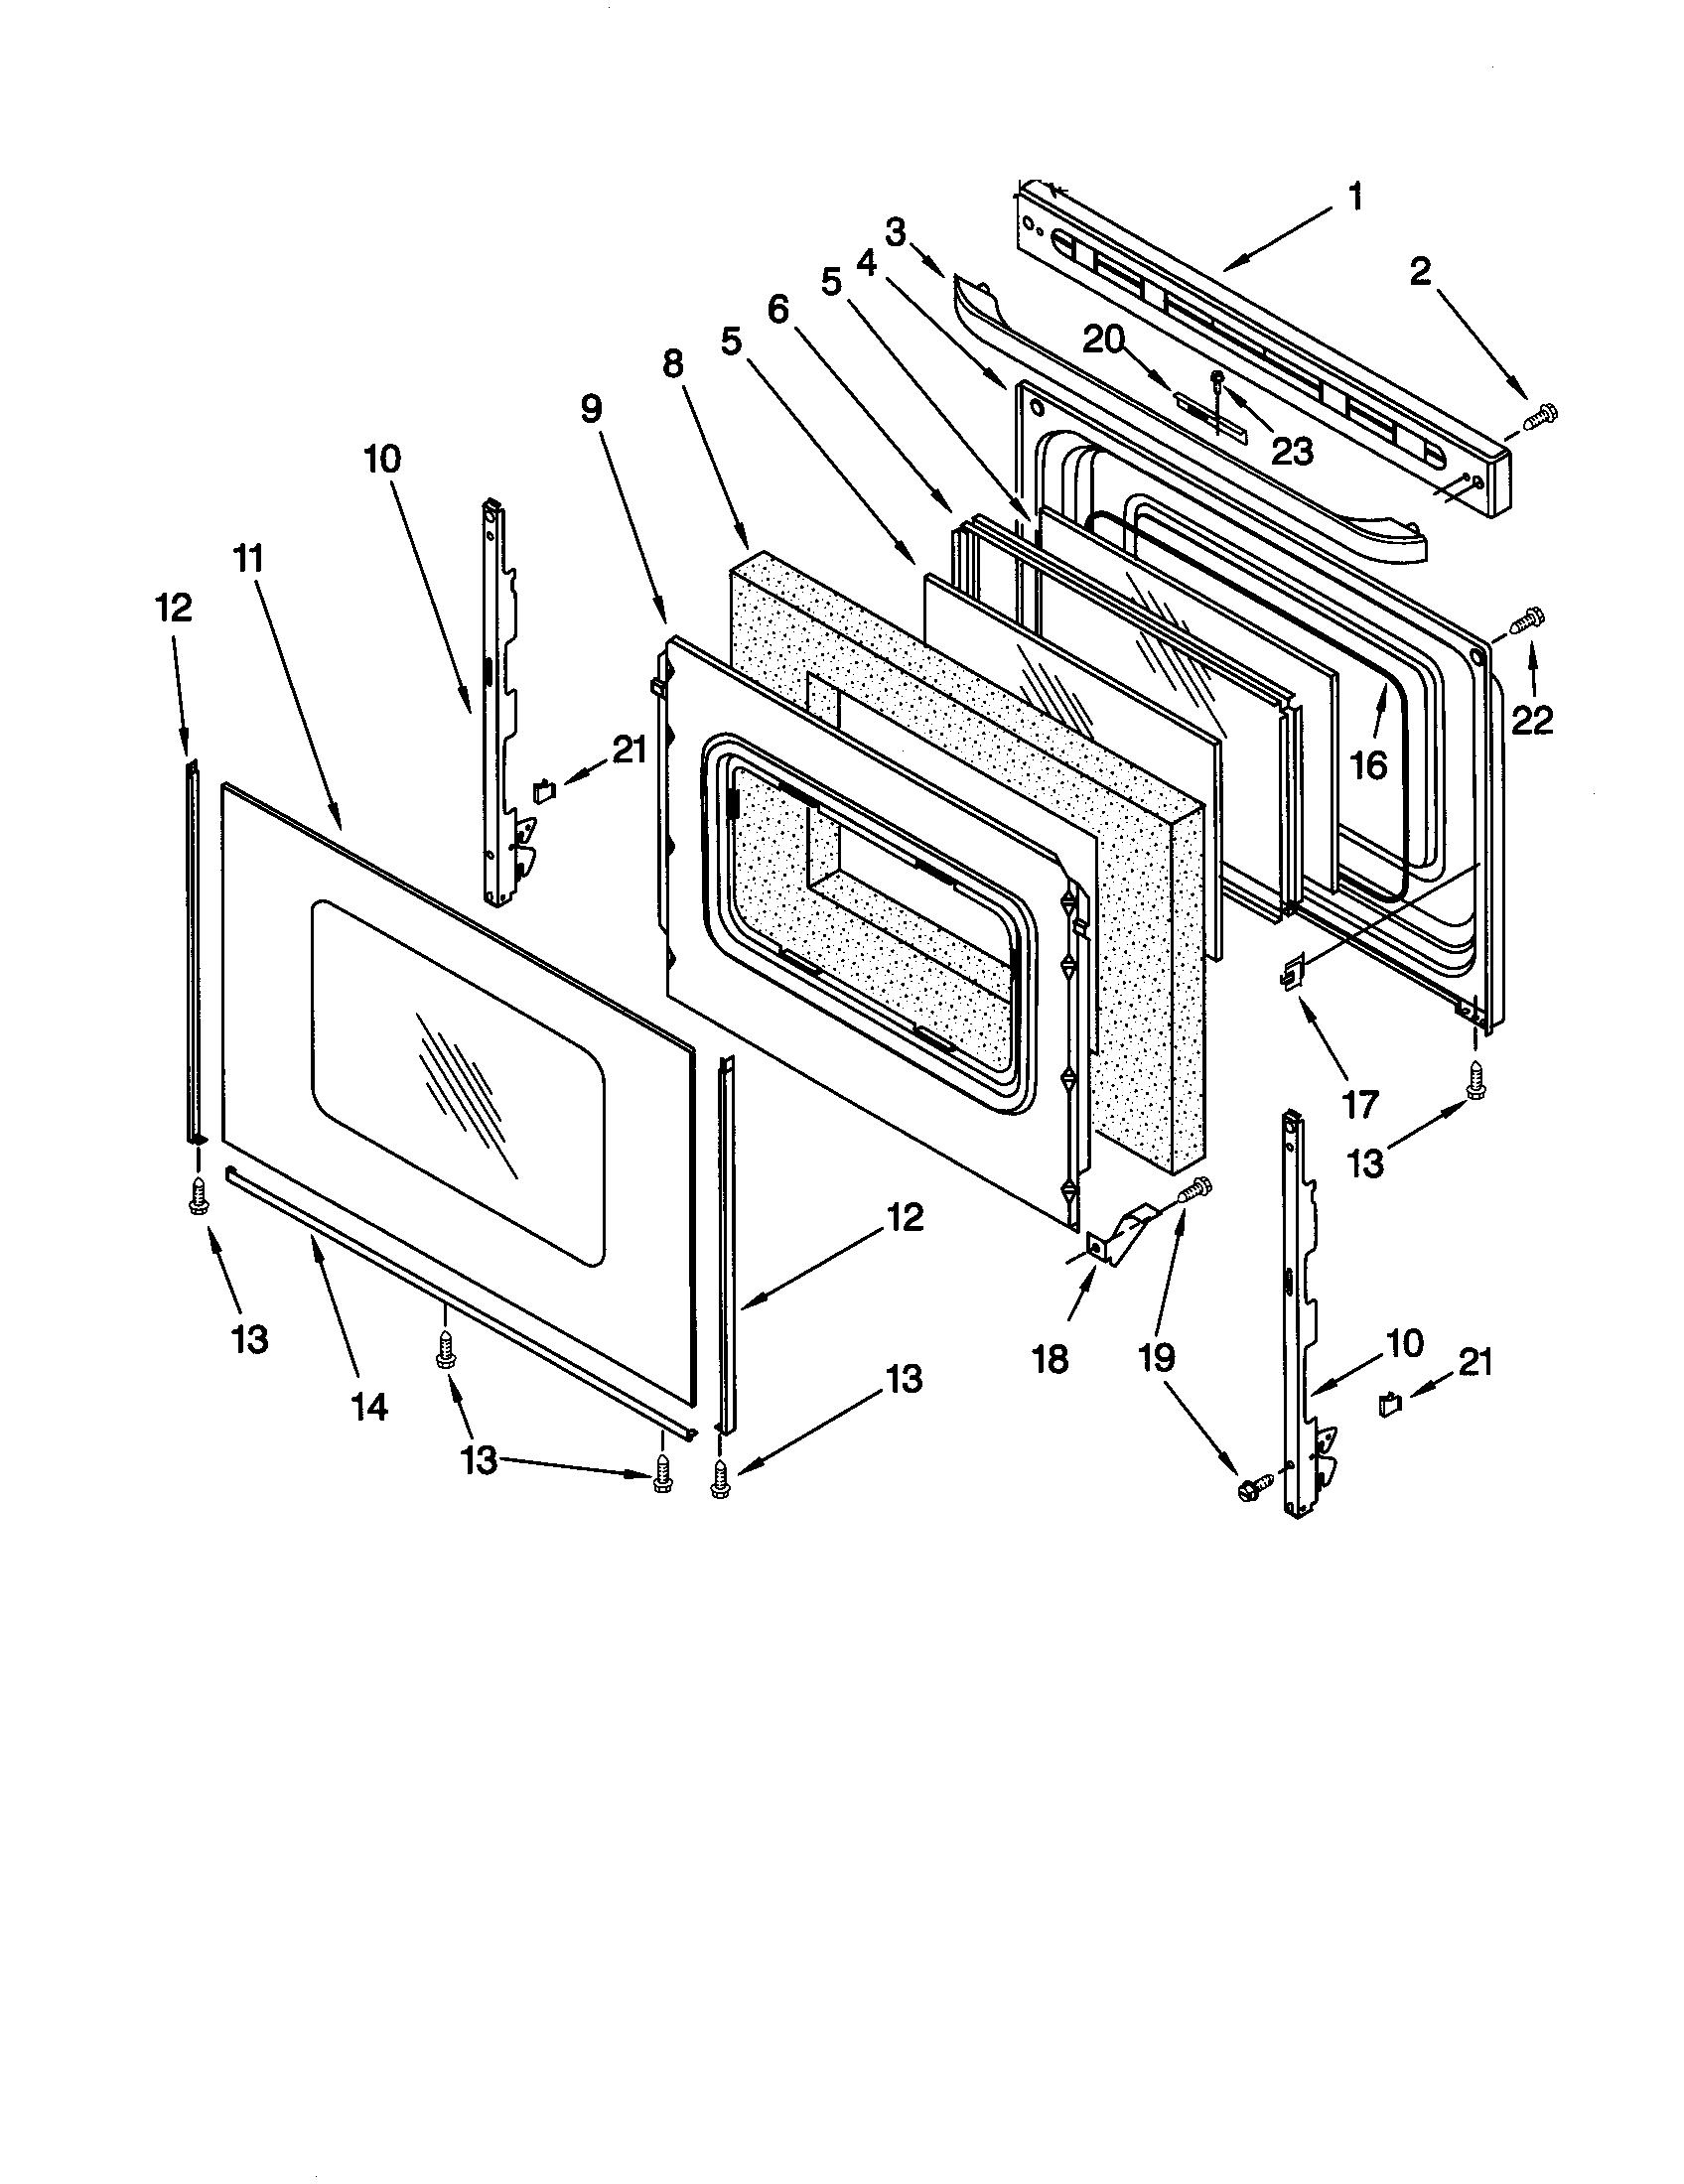 hight resolution of 66595812000 electric range door parts diagram